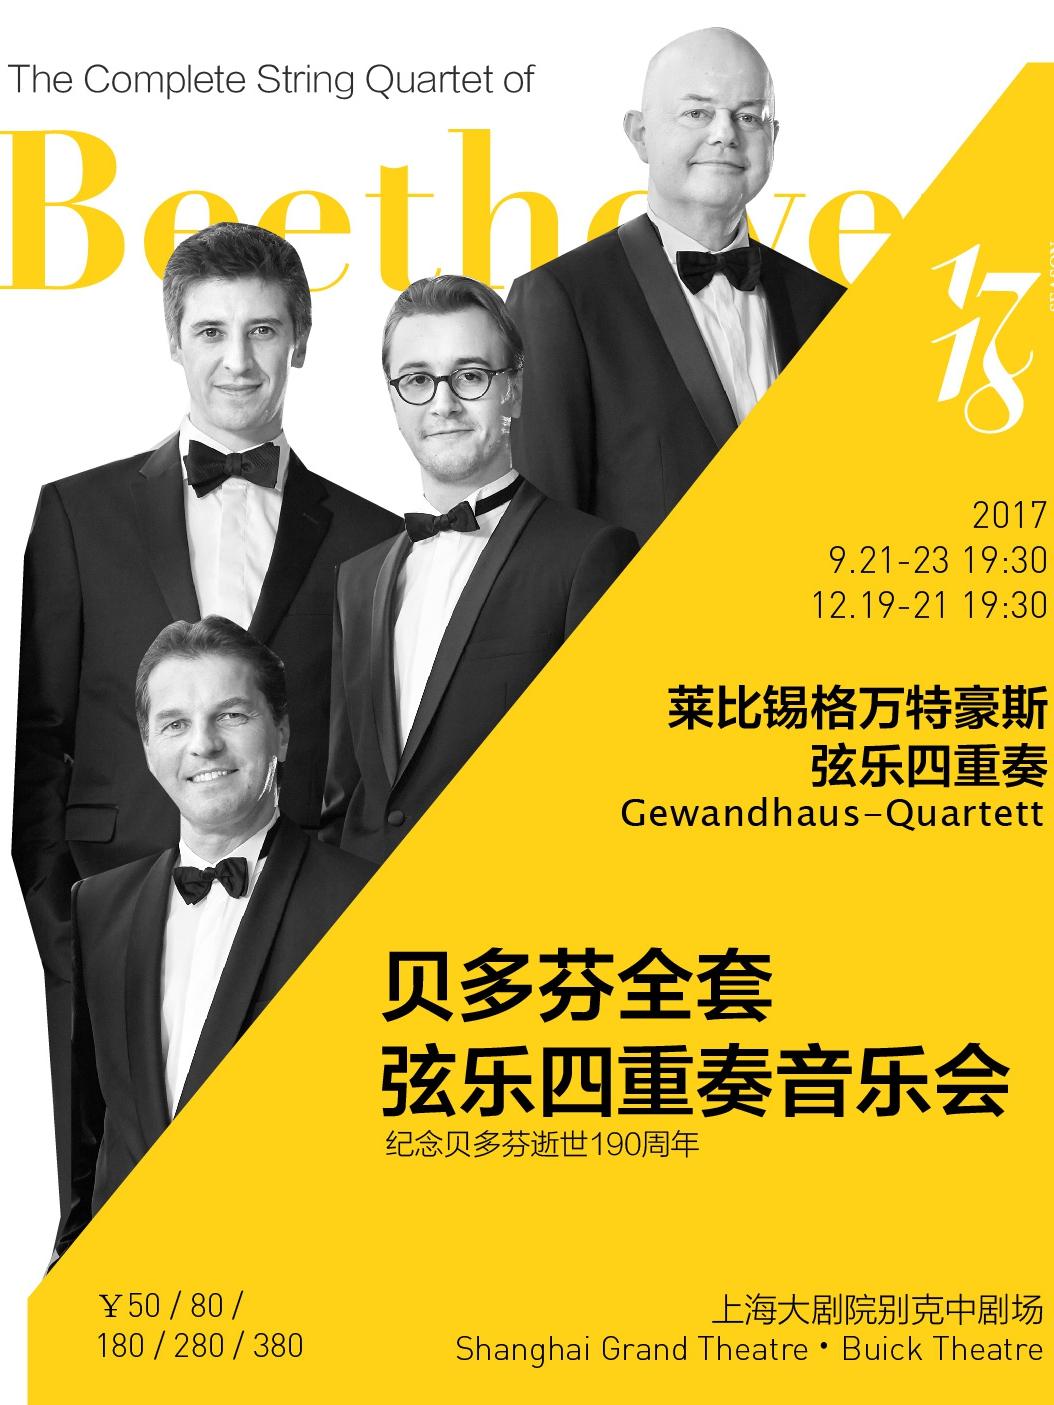 贝多芬全套弦乐四重奏音乐会